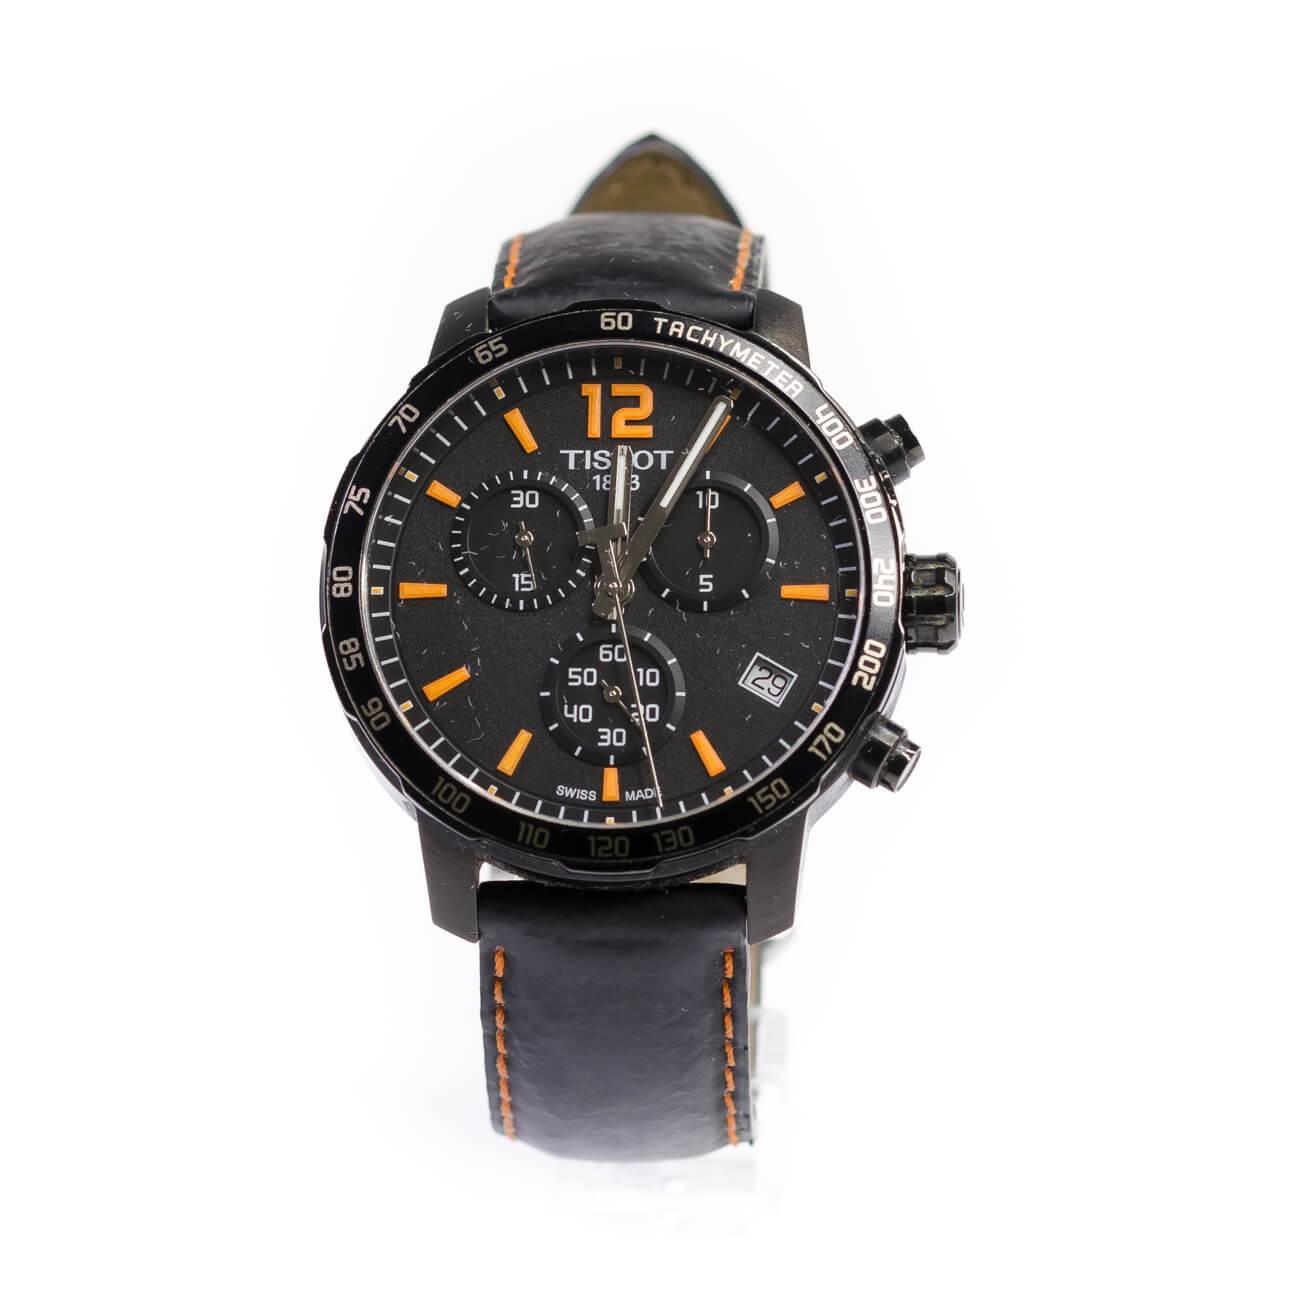 d6e29df7242 Tissot Quickster Chronograph Black Dial Black Leather Men's Watch